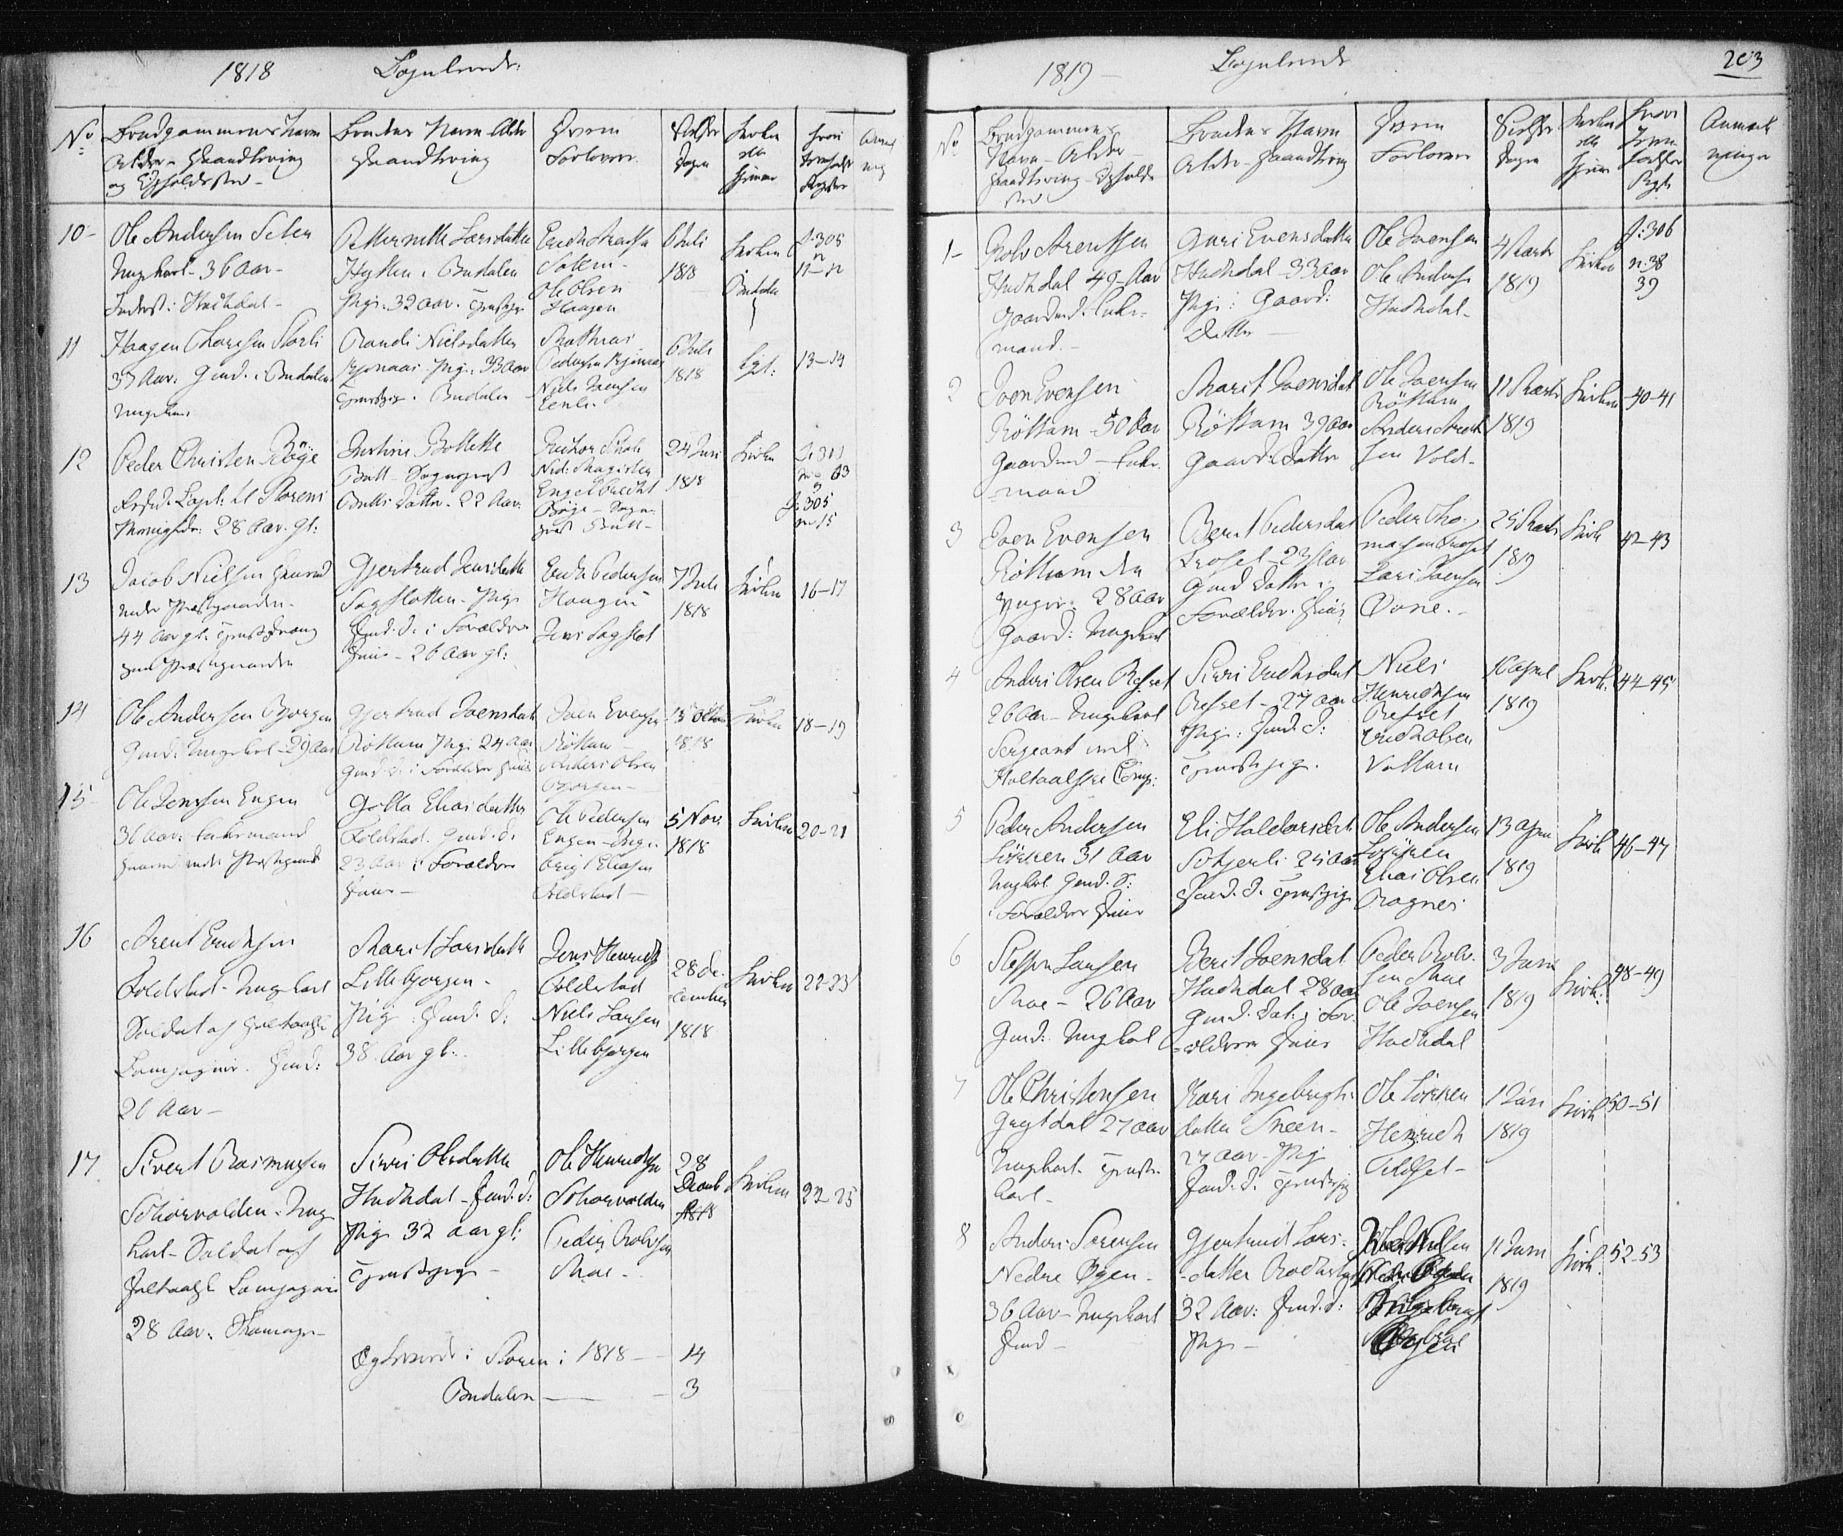 SAT, Ministerialprotokoller, klokkerbøker og fødselsregistre - Sør-Trøndelag, 687/L1017: Klokkerbok nr. 687C01, 1816-1837, s. 203